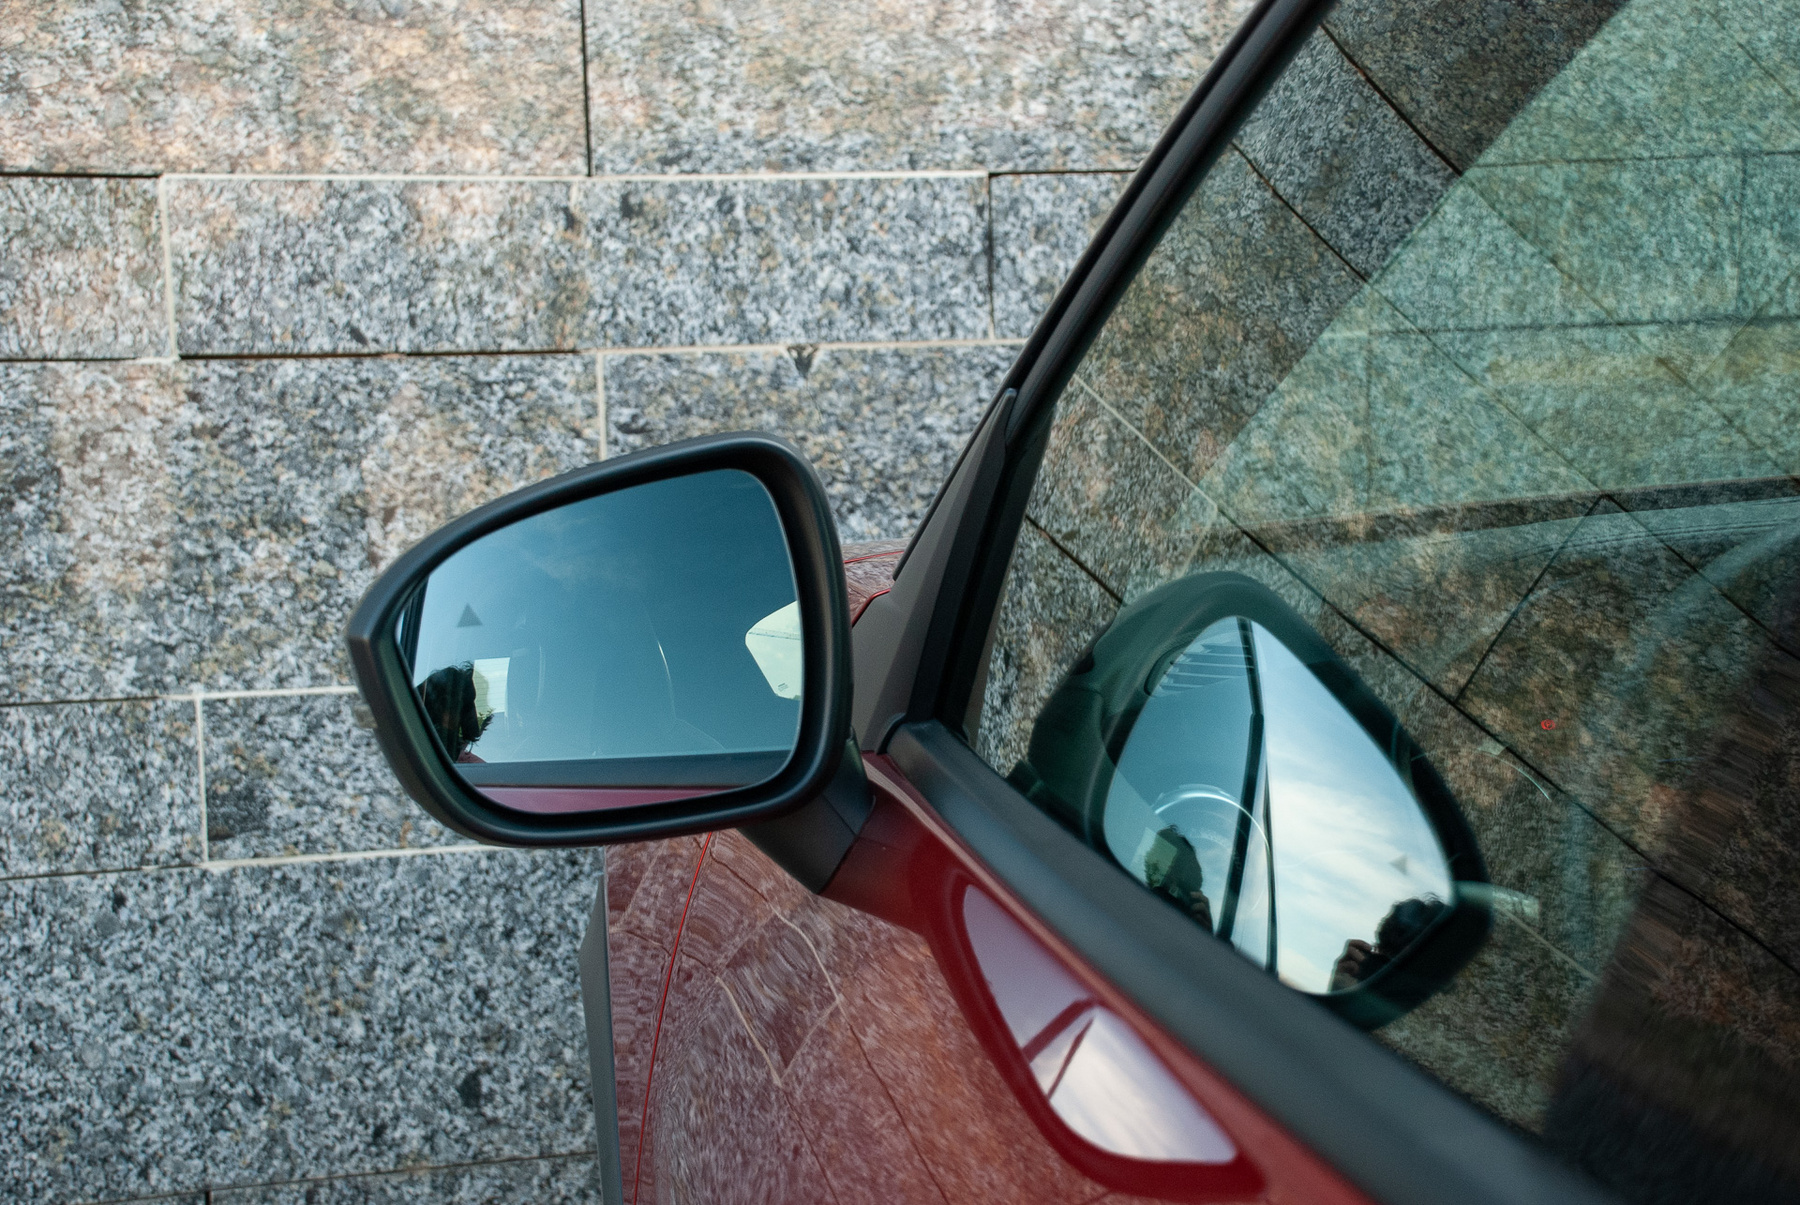 Százas tempó környékén megjelenik egy kis szélzaj. Behajtott tükrökkel is, valószínűleg az ajtók környéke igényel némi masszírozást